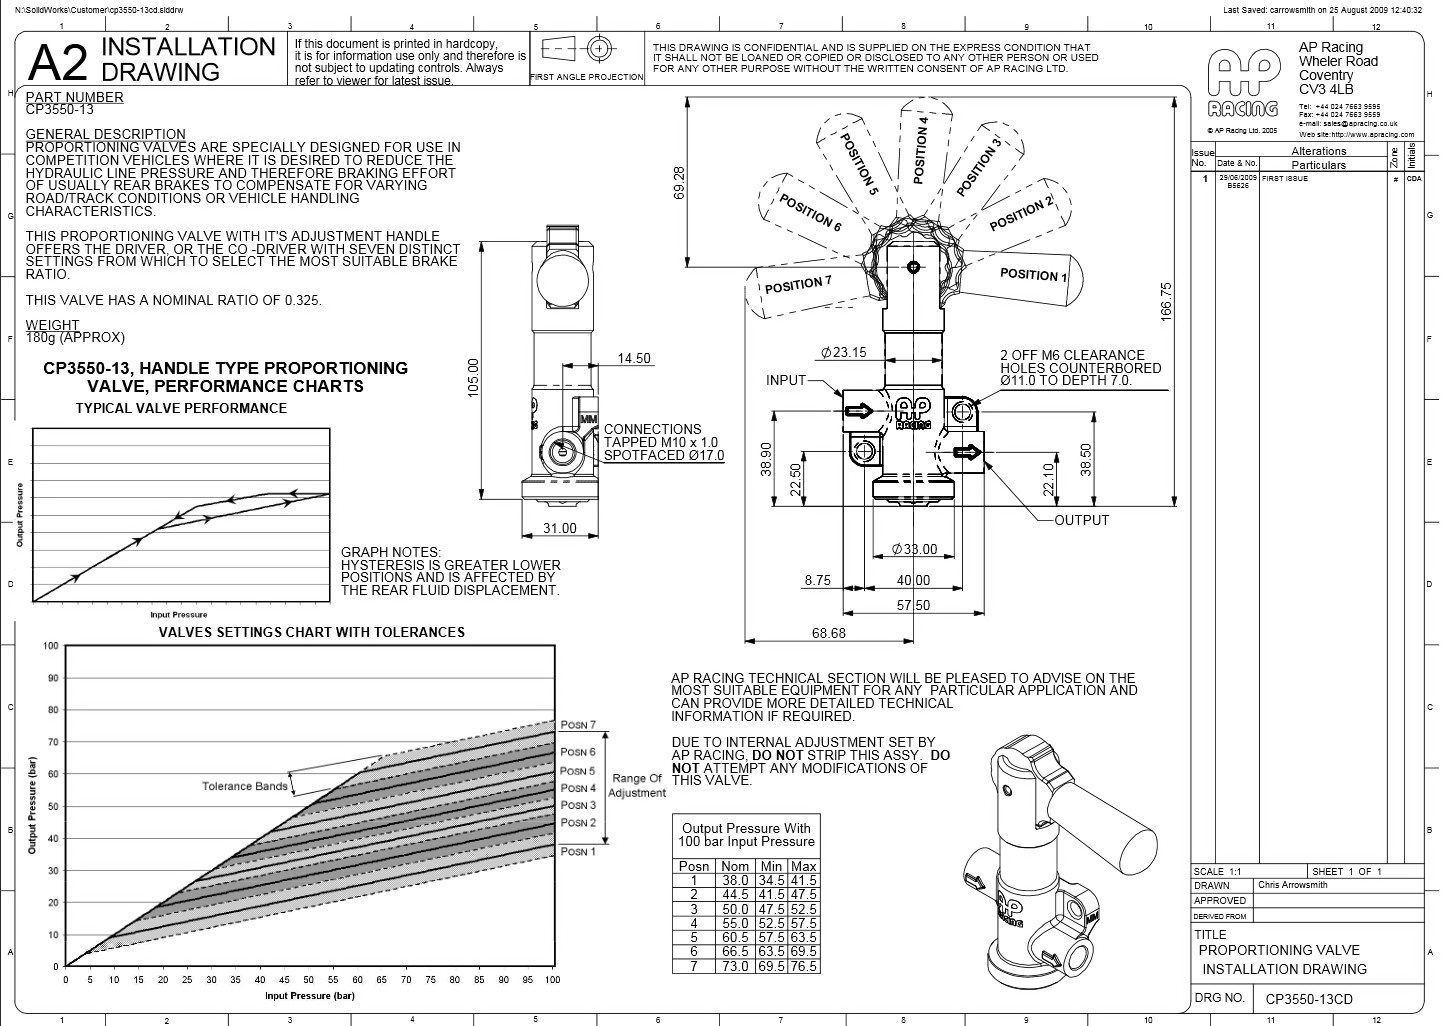 Схема флажкового регулятора